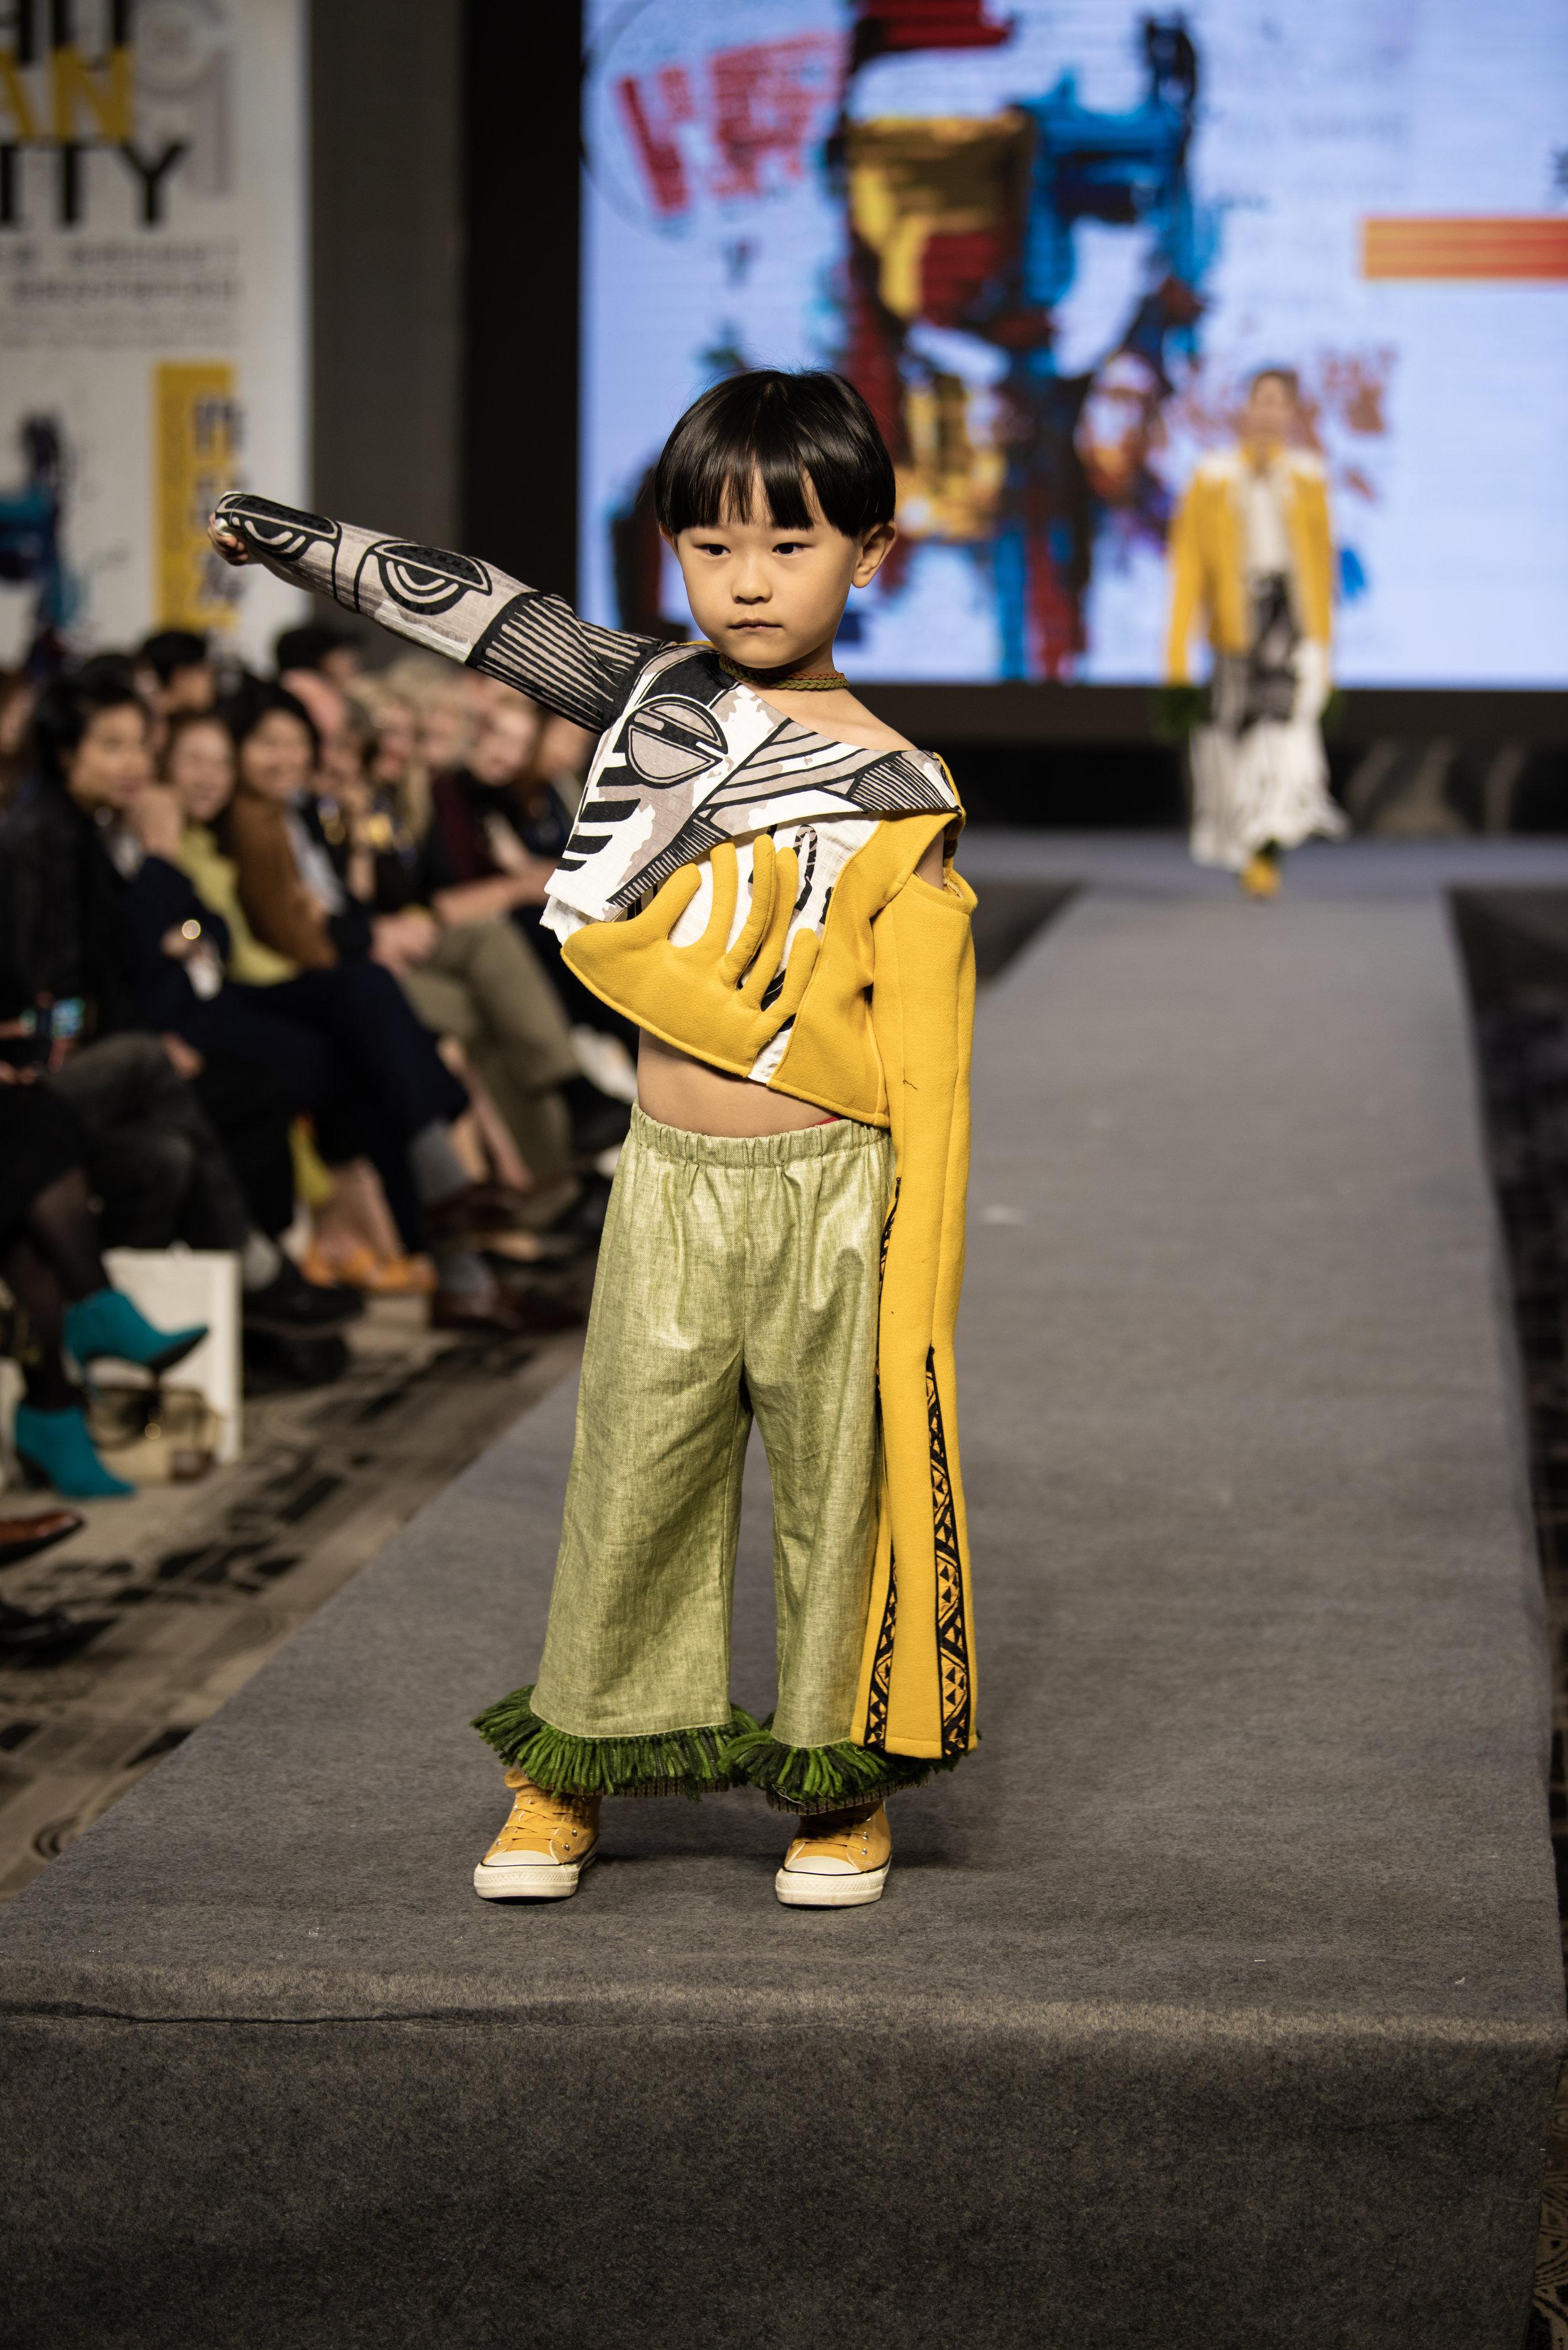 Zheng Xiulian (Lian).jpg